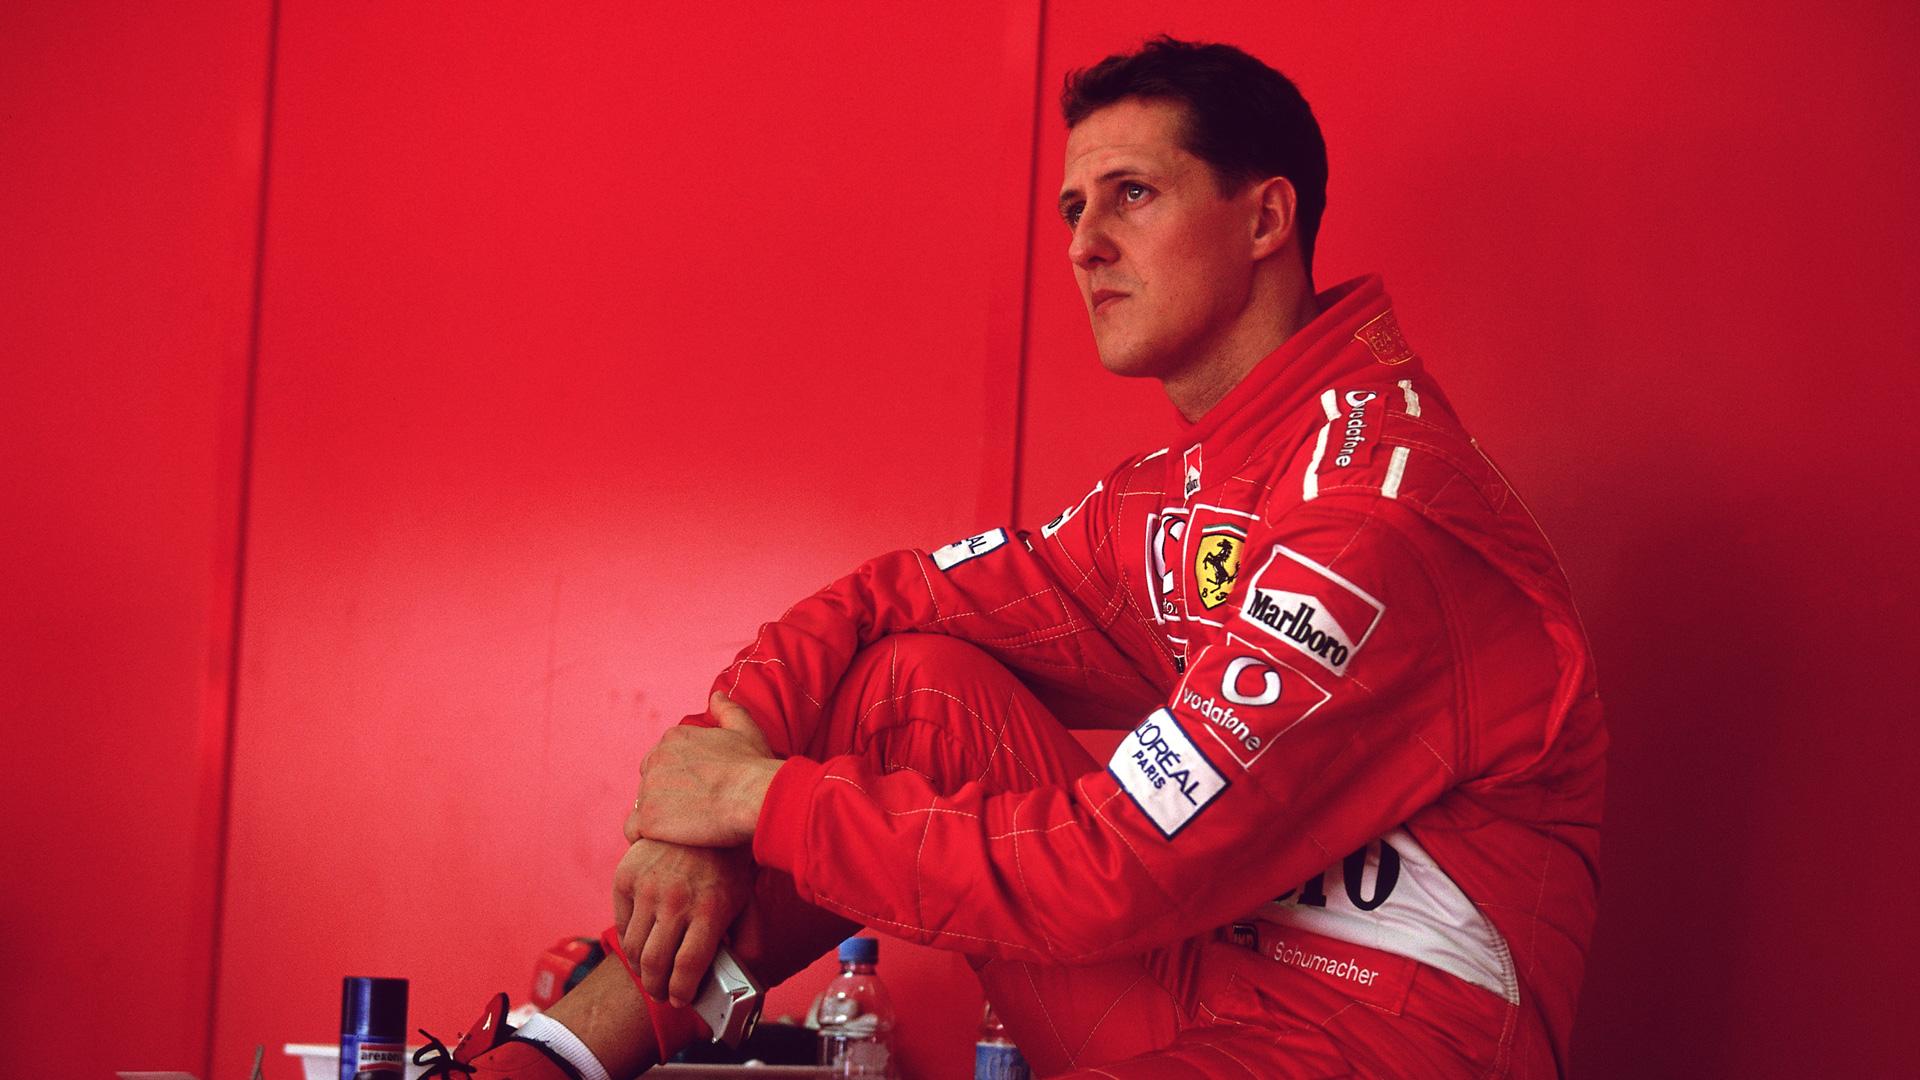 """Michael Schumacher dans """"un état déplorable"""" ? Les révélations choc de l'un de ses anciens amis"""